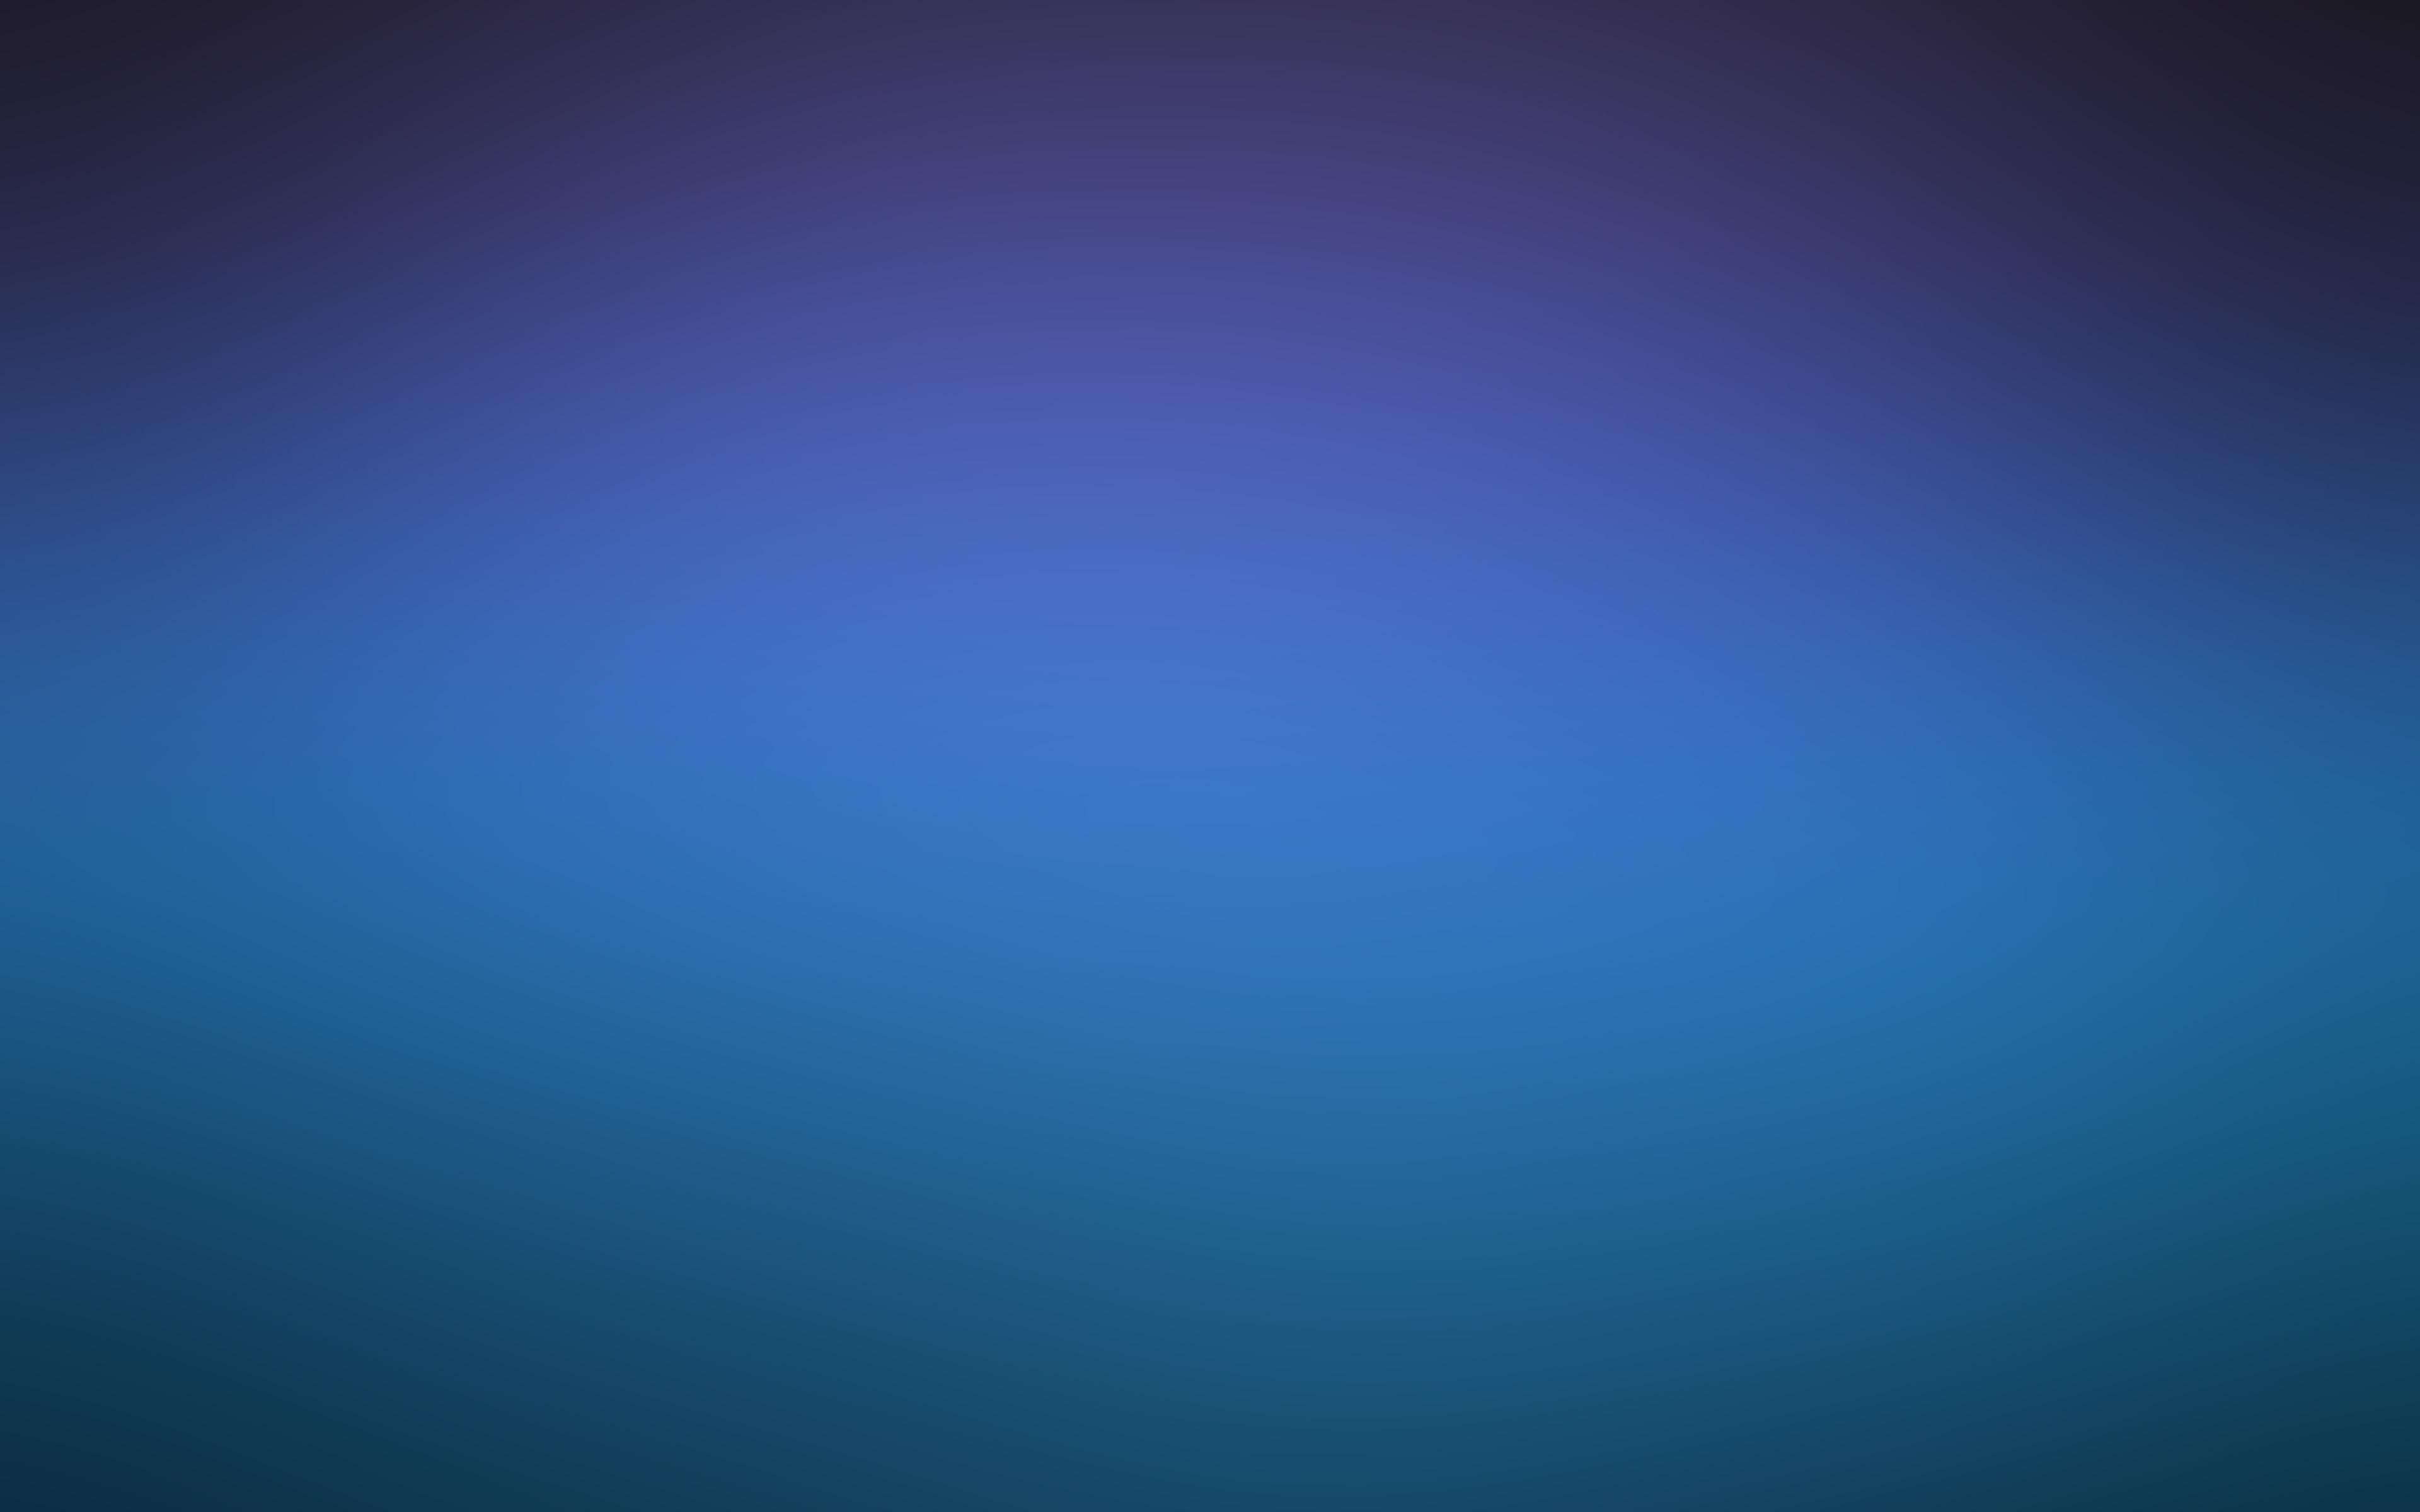 sm18-blue-blur-gradation-wallpaper